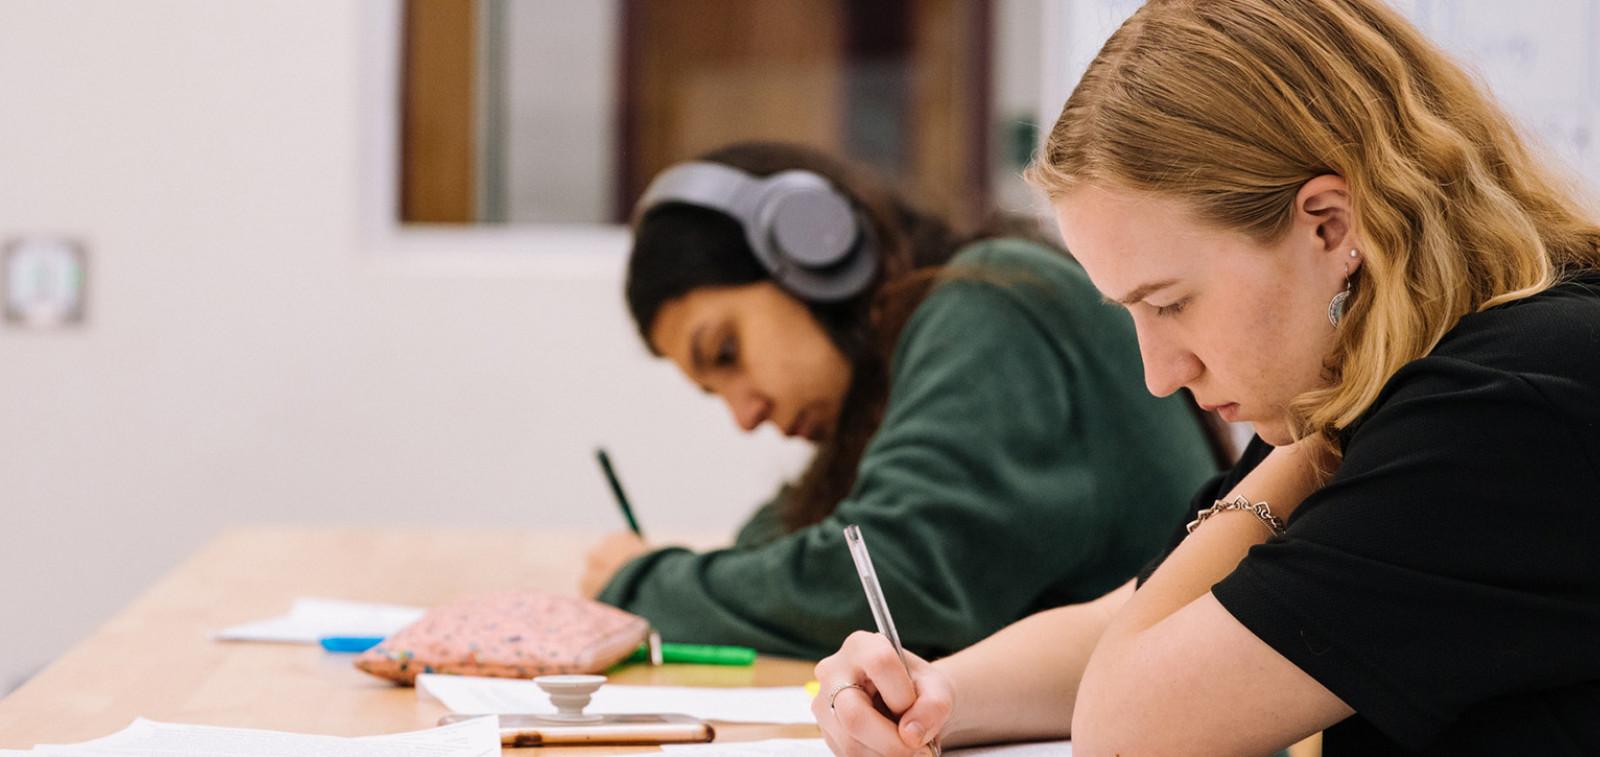 Kaksi nuorta opiskelemassa